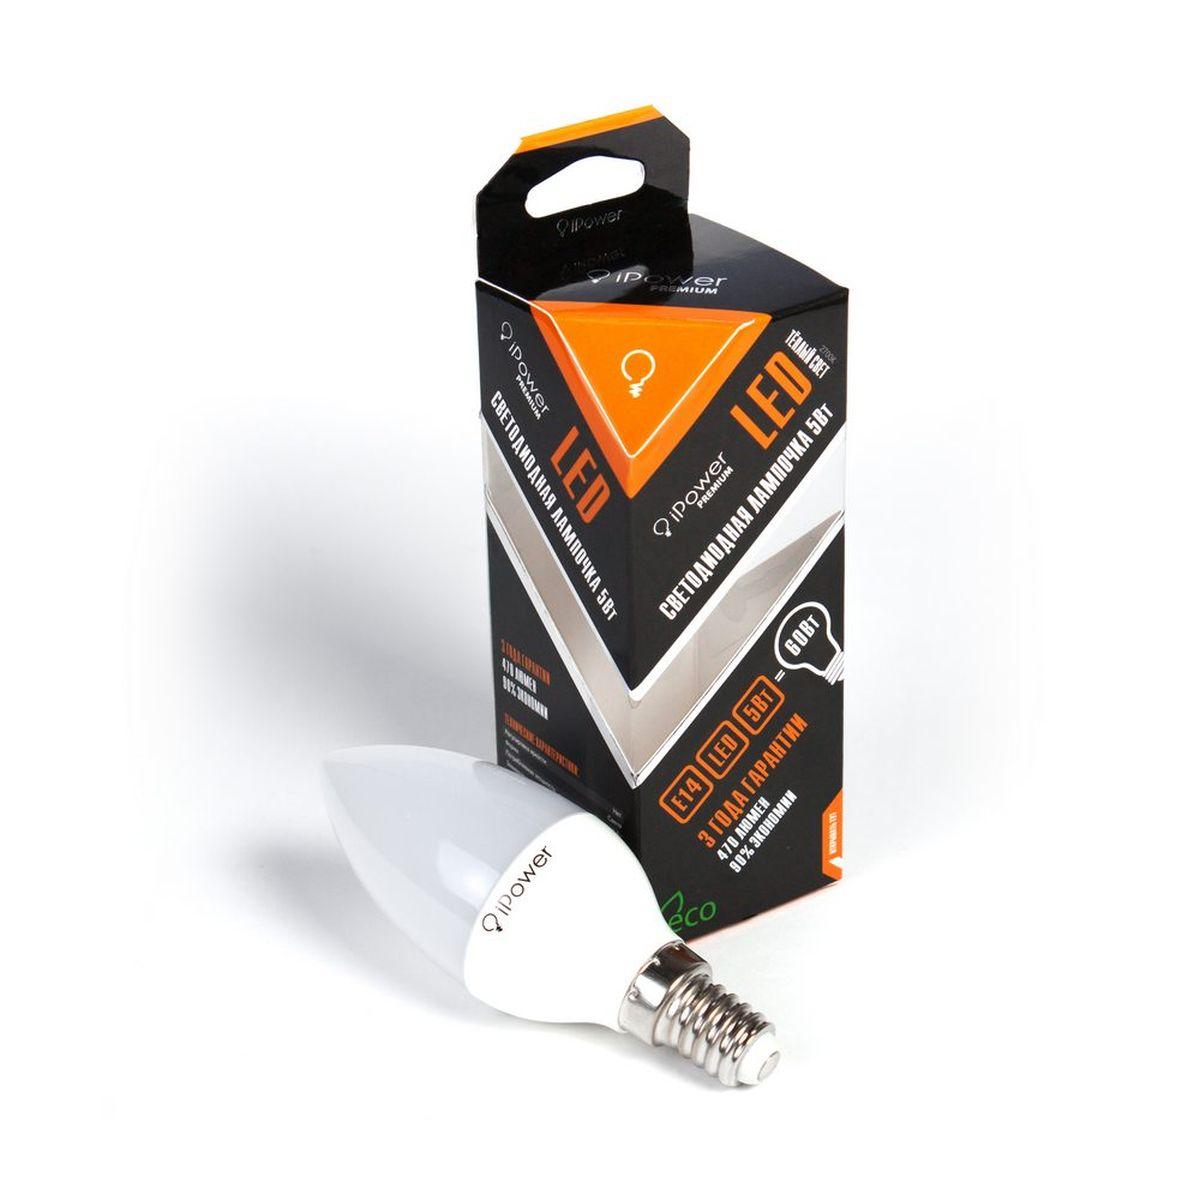 Лампа светодиодная iPower Premium, цоколь Е14, 5W, 2700КC0042416Светодиодная лампа iPower Premium имеет очень низкое энергопотребление. В сравнении с лампами накаливания LED потребляет в 12 разменьше электричества, а в сравнении с энергосберегающими - в 2-4 раза меньше. При этом срок службы LED лампочки в 5 раз выше, чемэнергосберегающей, и в 50 раз выше, чем у лампы накаливания. Светодиодная лампа iPower Premium создает мягкий рассеивающий свет безмерцаний, что совершенно безопасно для глаз. Она специально разработана по требованиям российских и европейских законов и подходит ковсем осветительным устройствам, совместимым со стандартным цоколем E27. Использование светодиодов от мирового лидера Epistar - этозалог надежной и стабильной работы лампы. Теплый оттенок света лампы по световой температуре соответствует обычной лампе накаливания ипозволит создать уют в доме и местах отдыха.Диапазон рабочих температур от -50°С до +50 °СМатериал: алюминий, поликарбонат.Потребляемая мощность: 5 Вт.Рабочее напряжение: 220В.Световая температура: 2700К (теплый свет).Срок службы: 50000 часов.Форма: свеча.Цоколь: миньон (E14).Эквивалент мощности лампы накаливания: 60 Вт.Яркость свечения: 470 Лм.